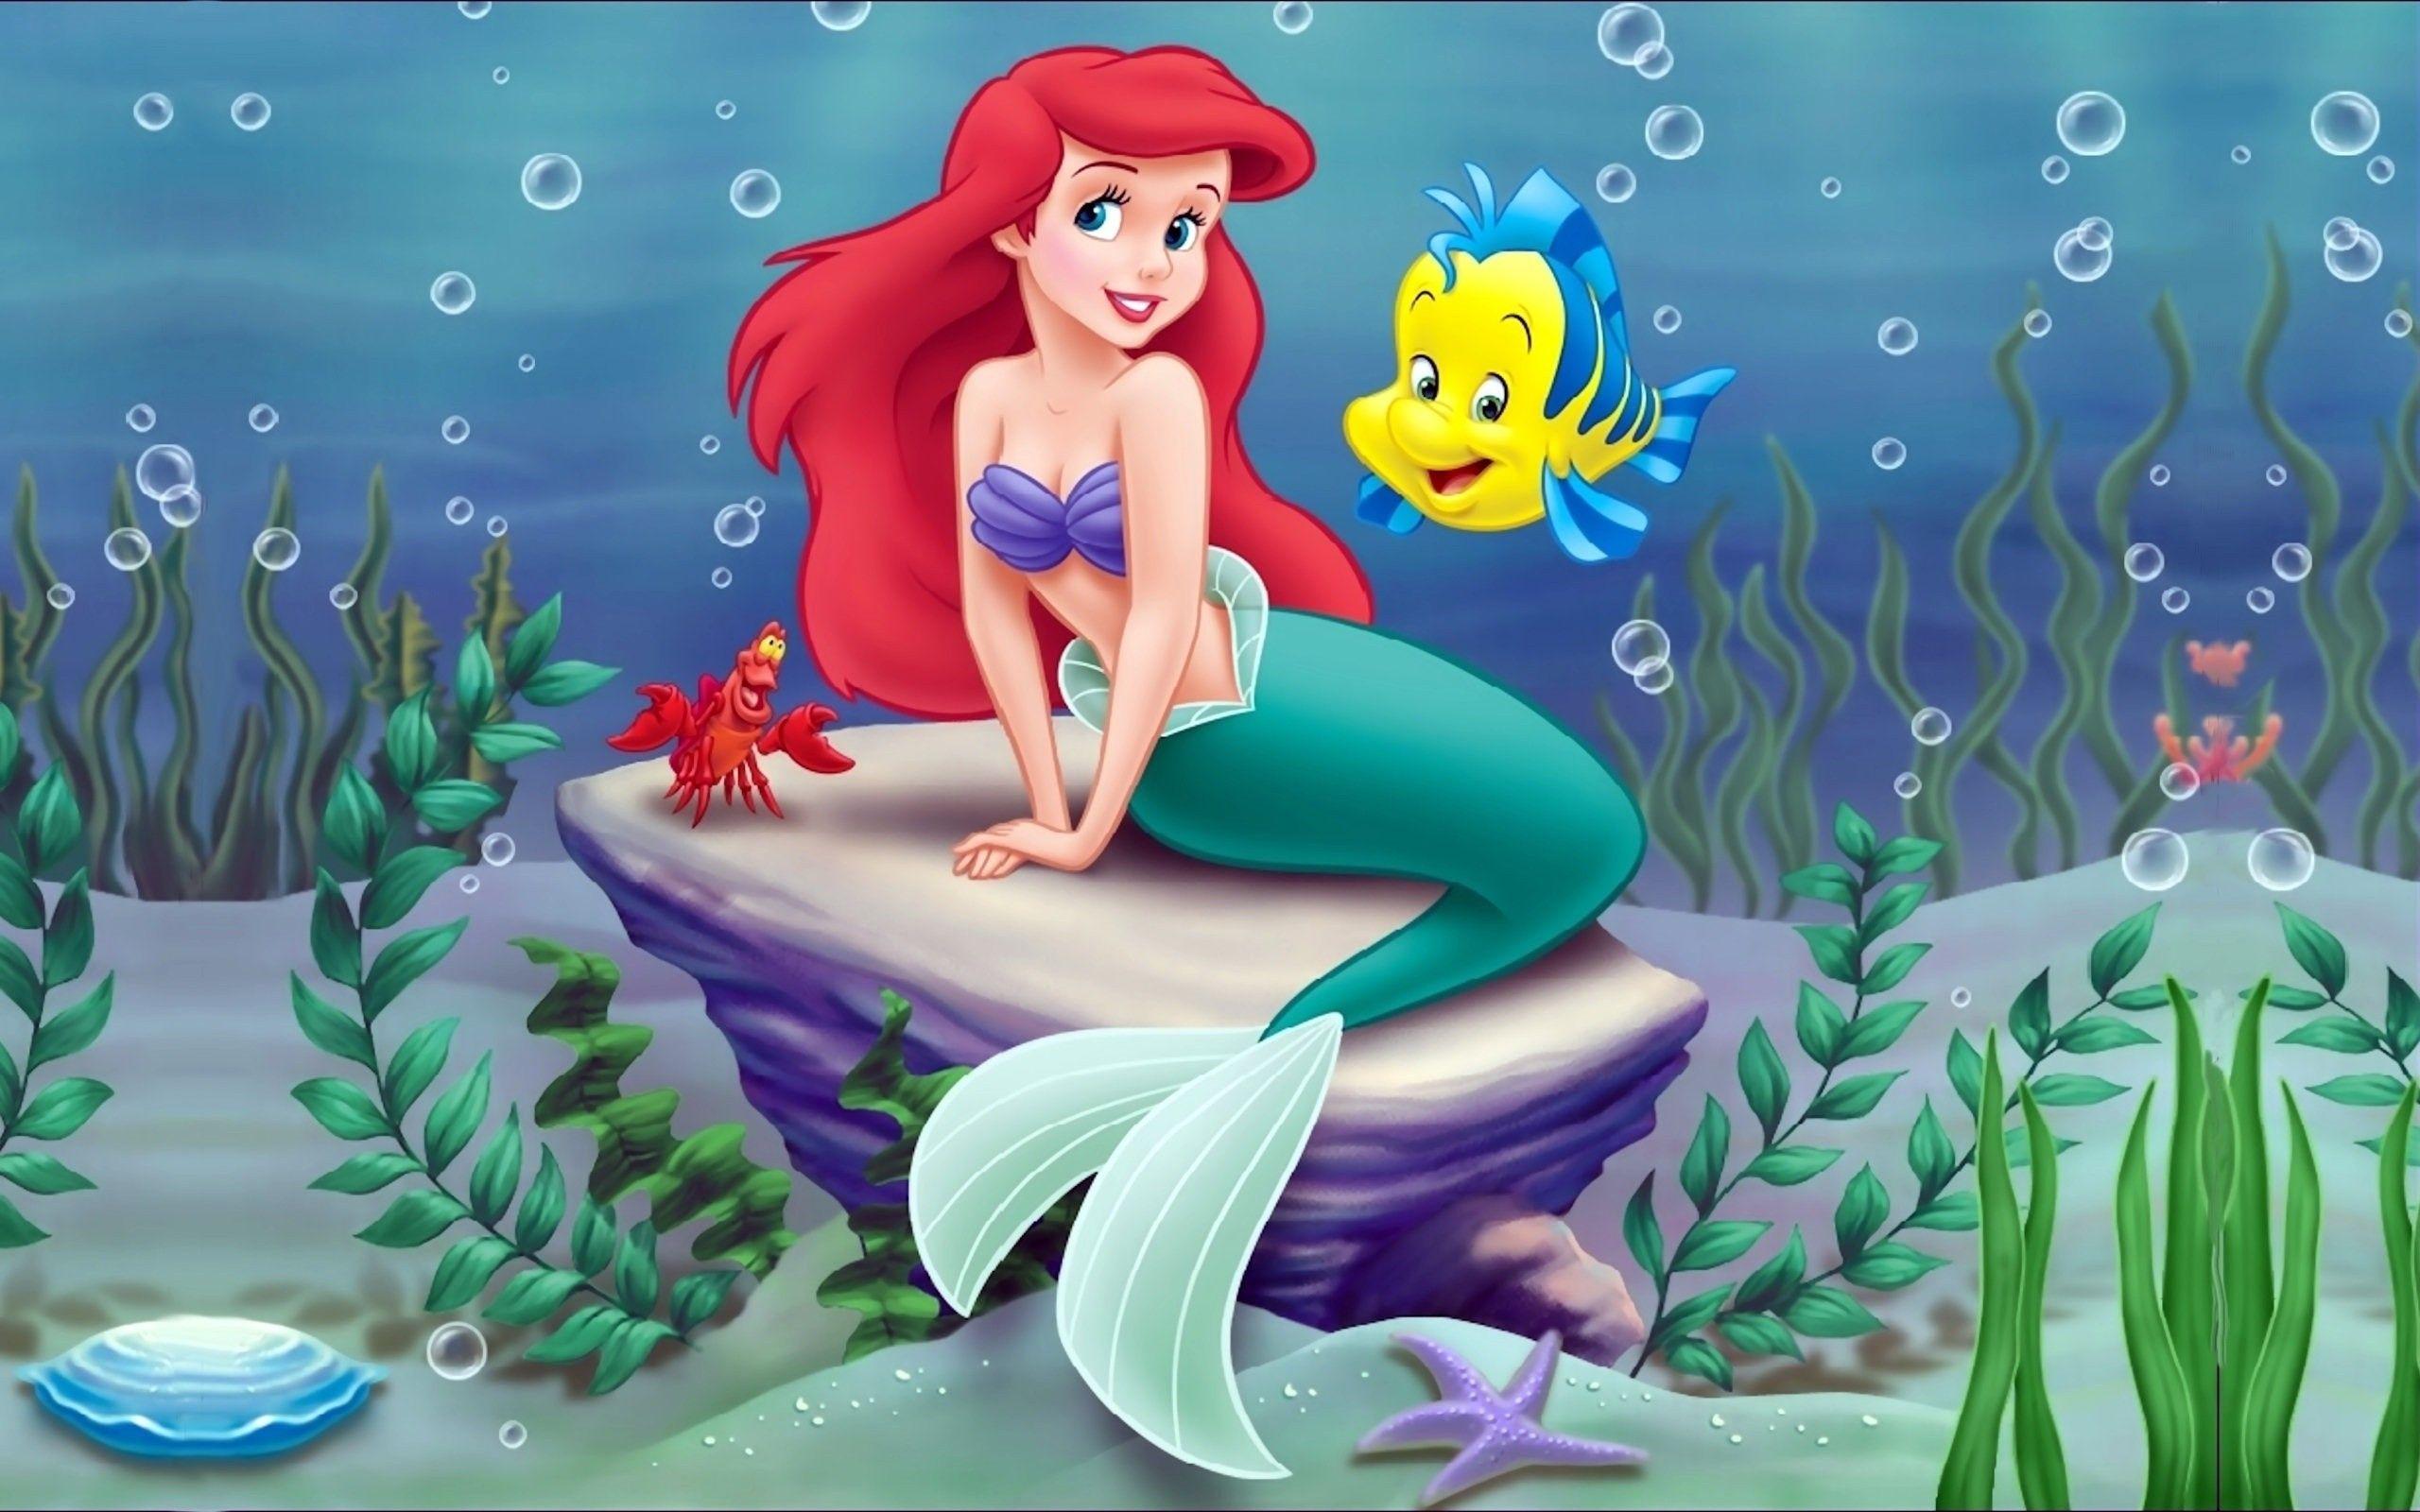 Wallpapers Arielle Ariel Little Mermaid With Her Lovely Fish 2560x1600 Little Mermaid Wallpaper Mermaid Wallpapers Mermaid Disney